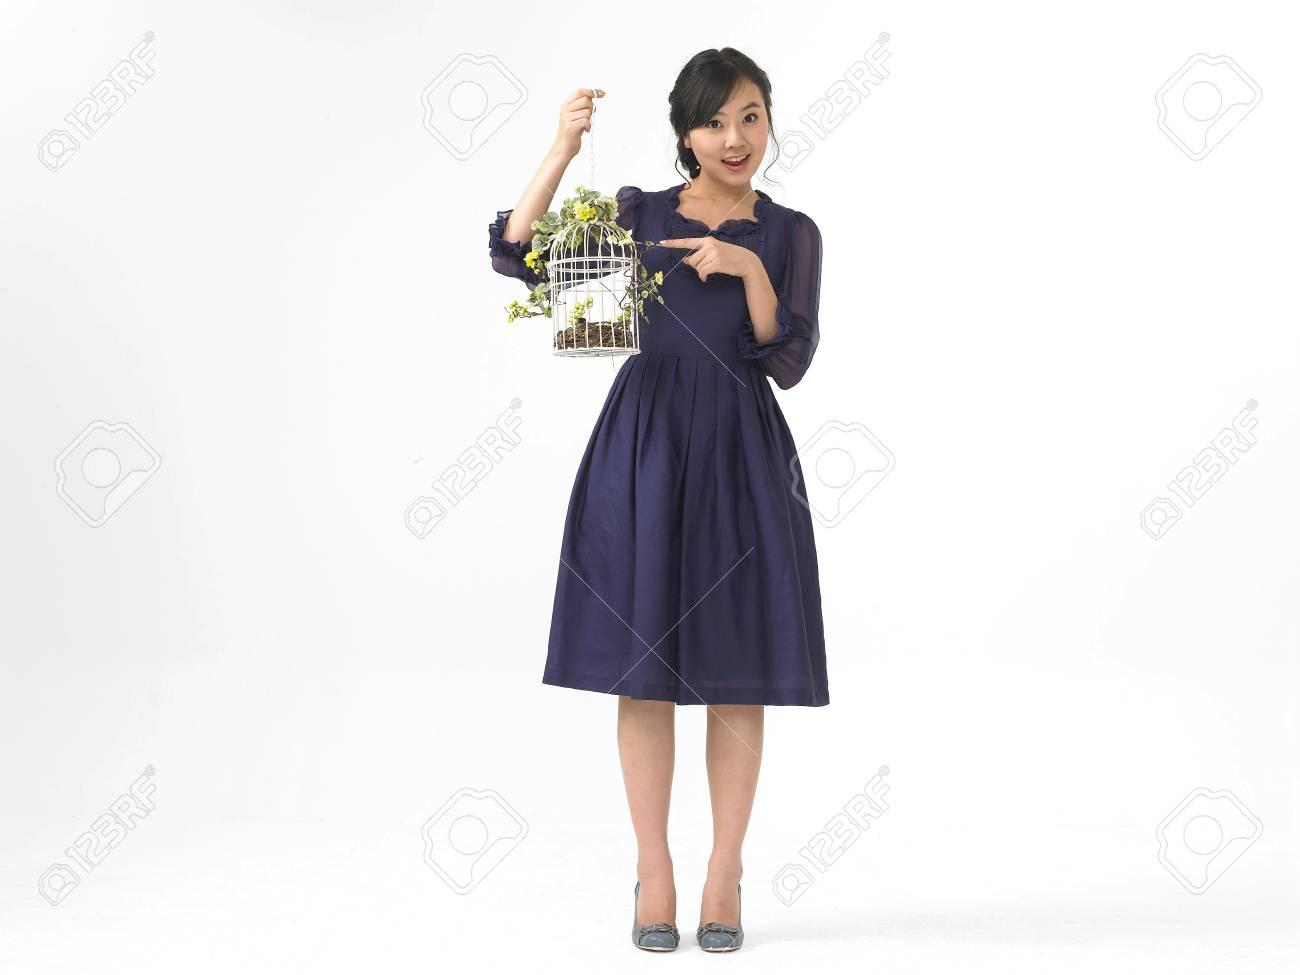 Mujer Modelo Moda Blanco En Asiática Vestido Con Formal Look Aislado uTPkXZiO